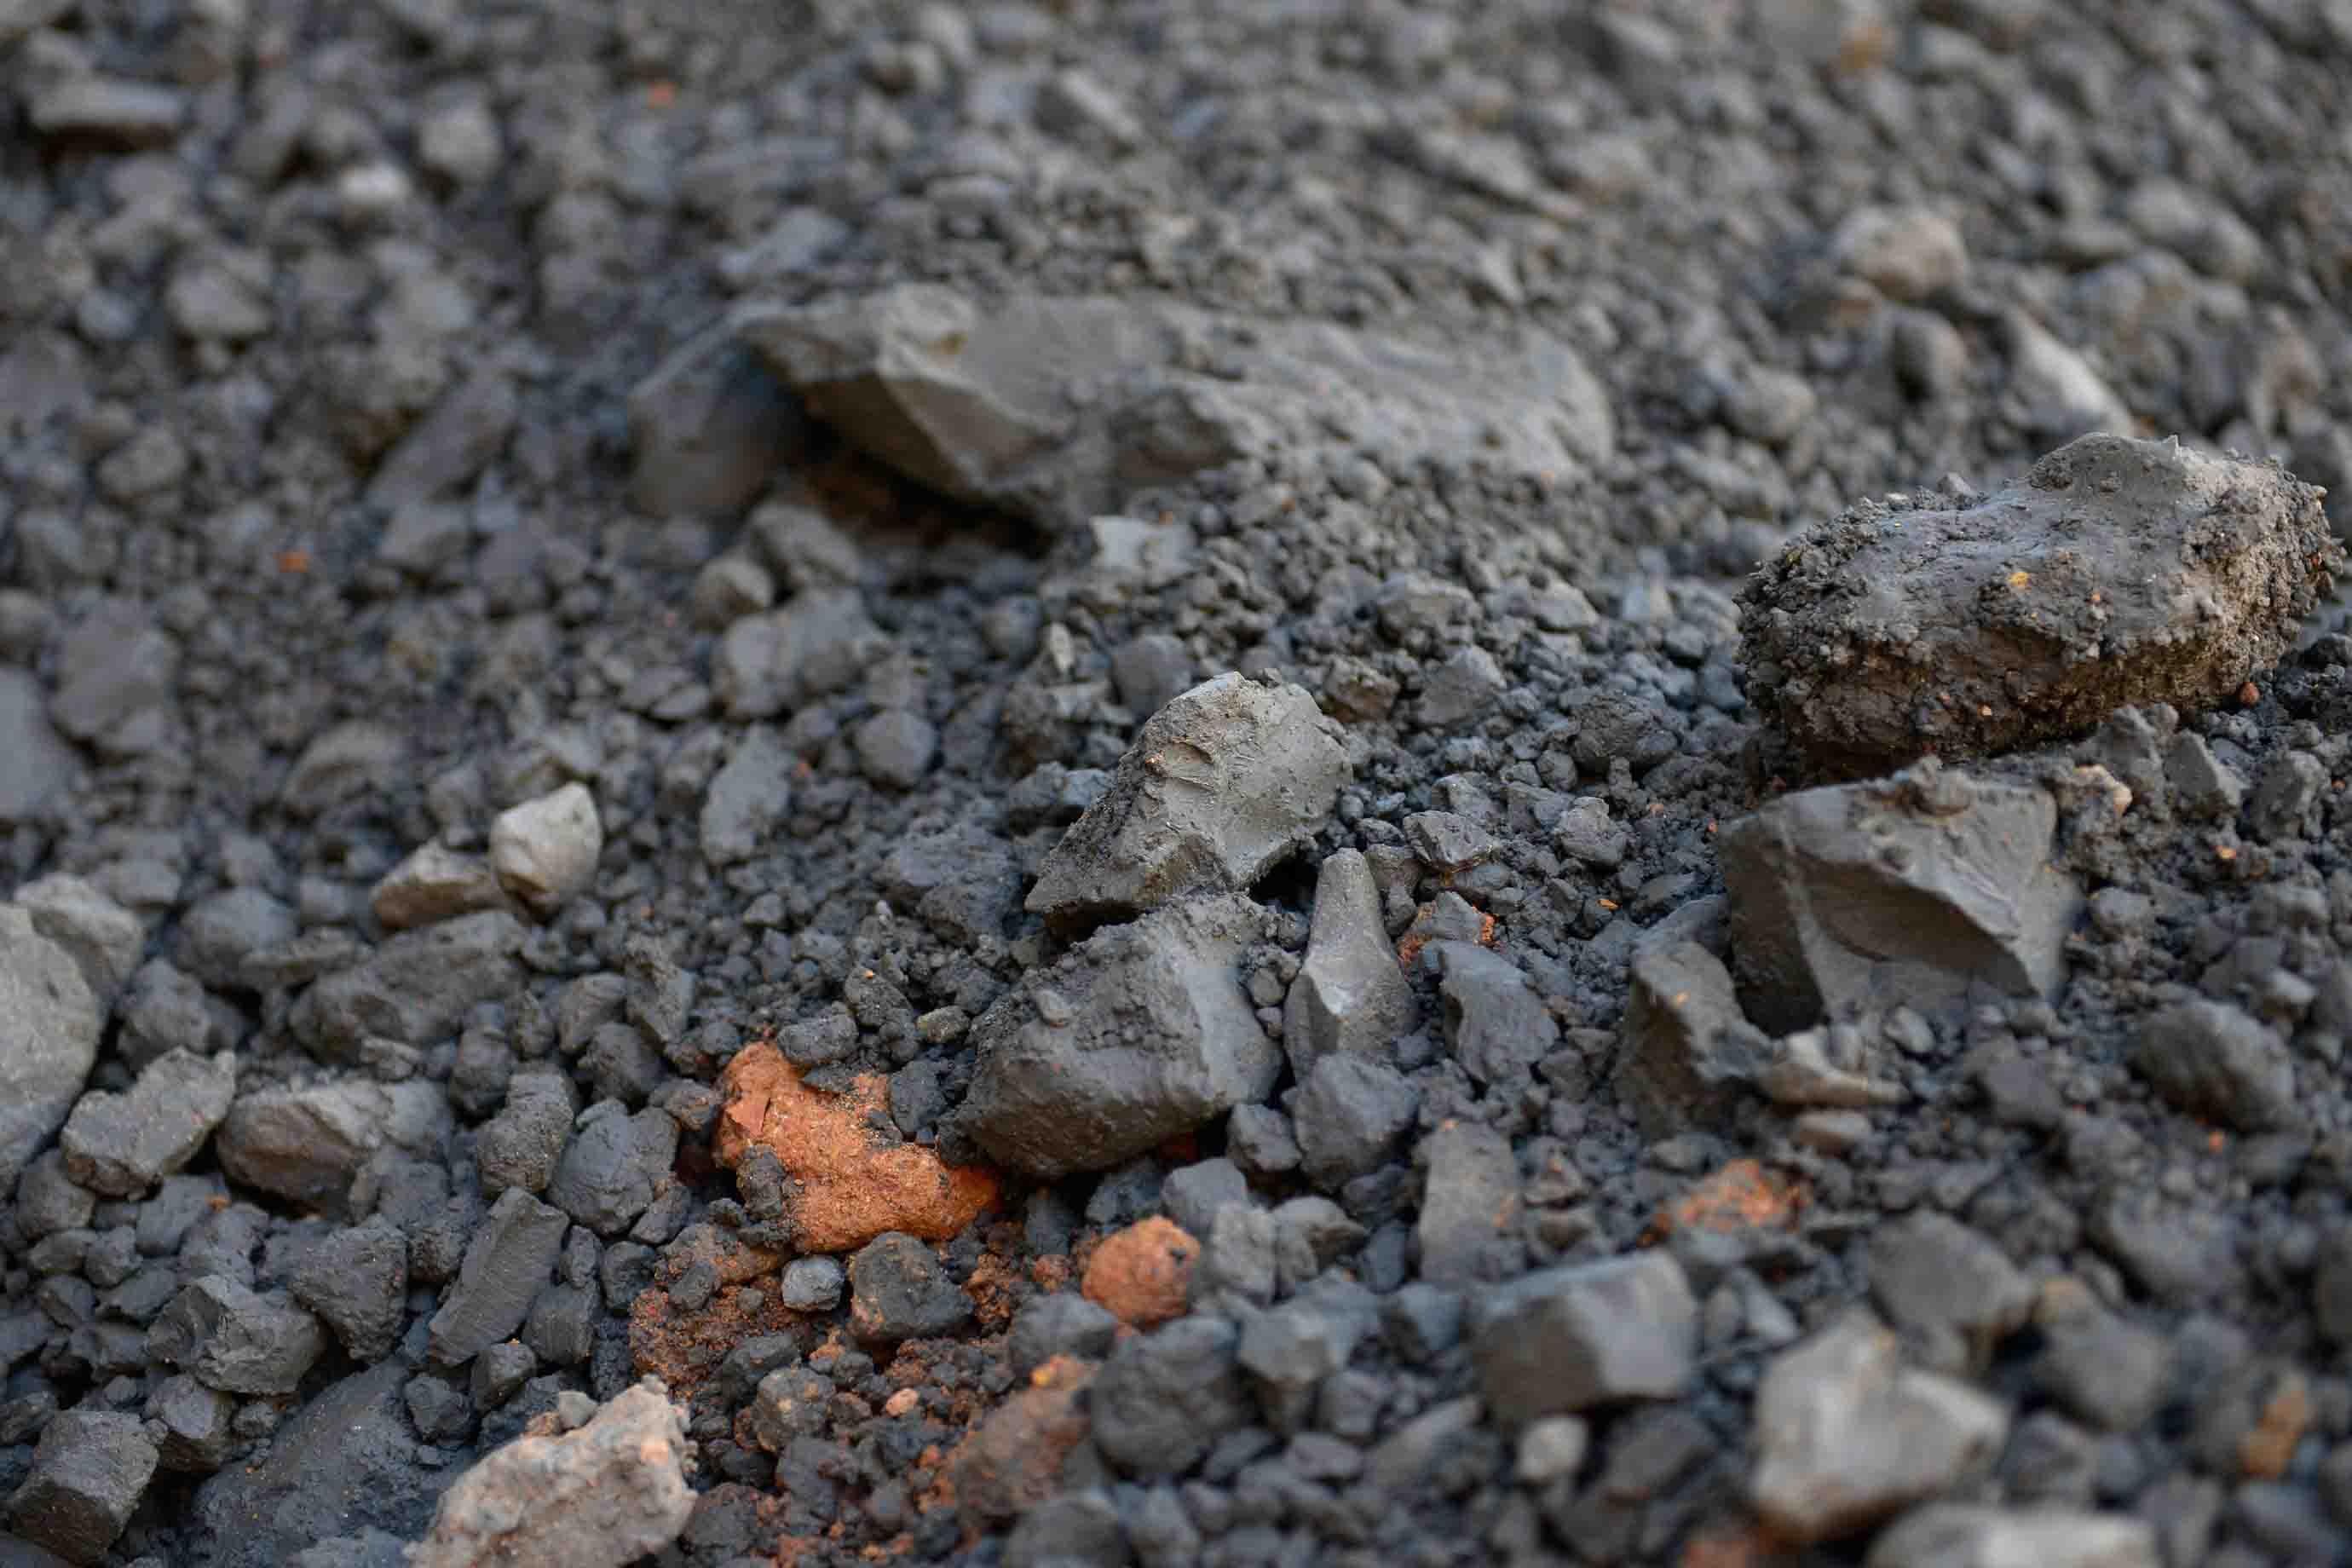 この黒い土が「クチャ」です (現在は強度を増すために赤土を20%ほど混ぜて使います) 。あれ、クチャは赤く、ない?